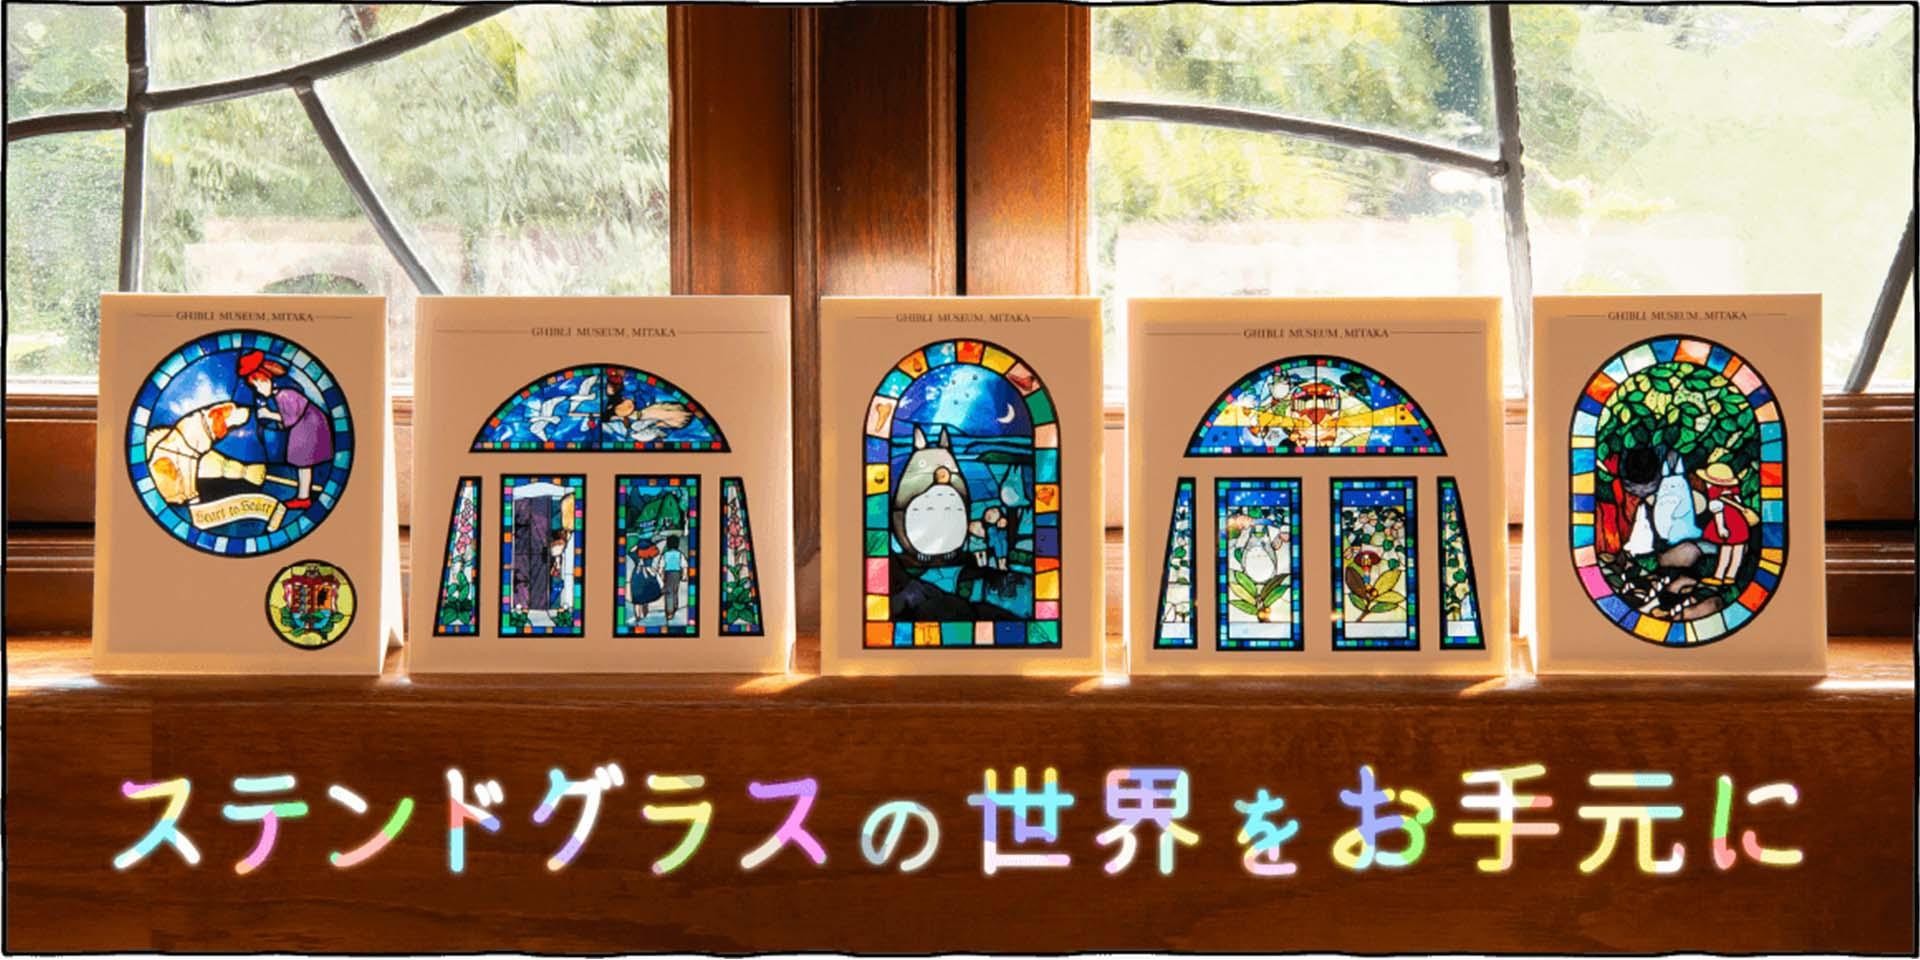 ジブリ美術館にあるステンドグラスをモチーフにしたポストカードと一筆箋。